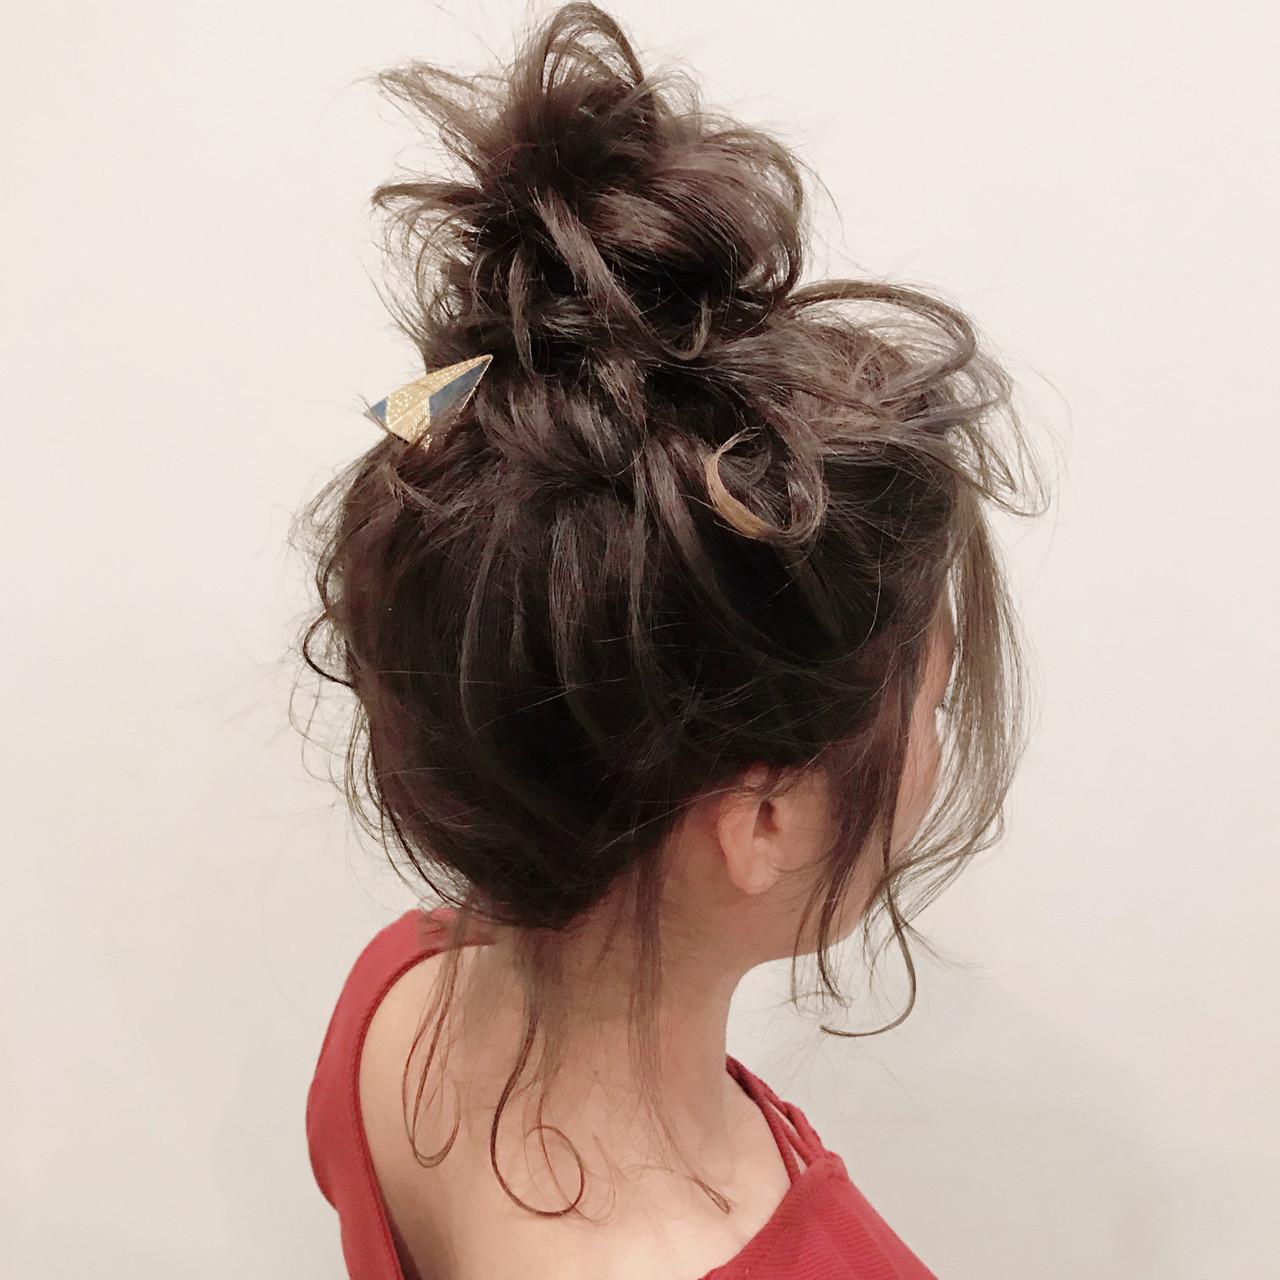 フェミニン お団子アレンジ 簡単ヘアアレンジ ヘアアレンジ ヘアスタイルや髪型の写真・画像